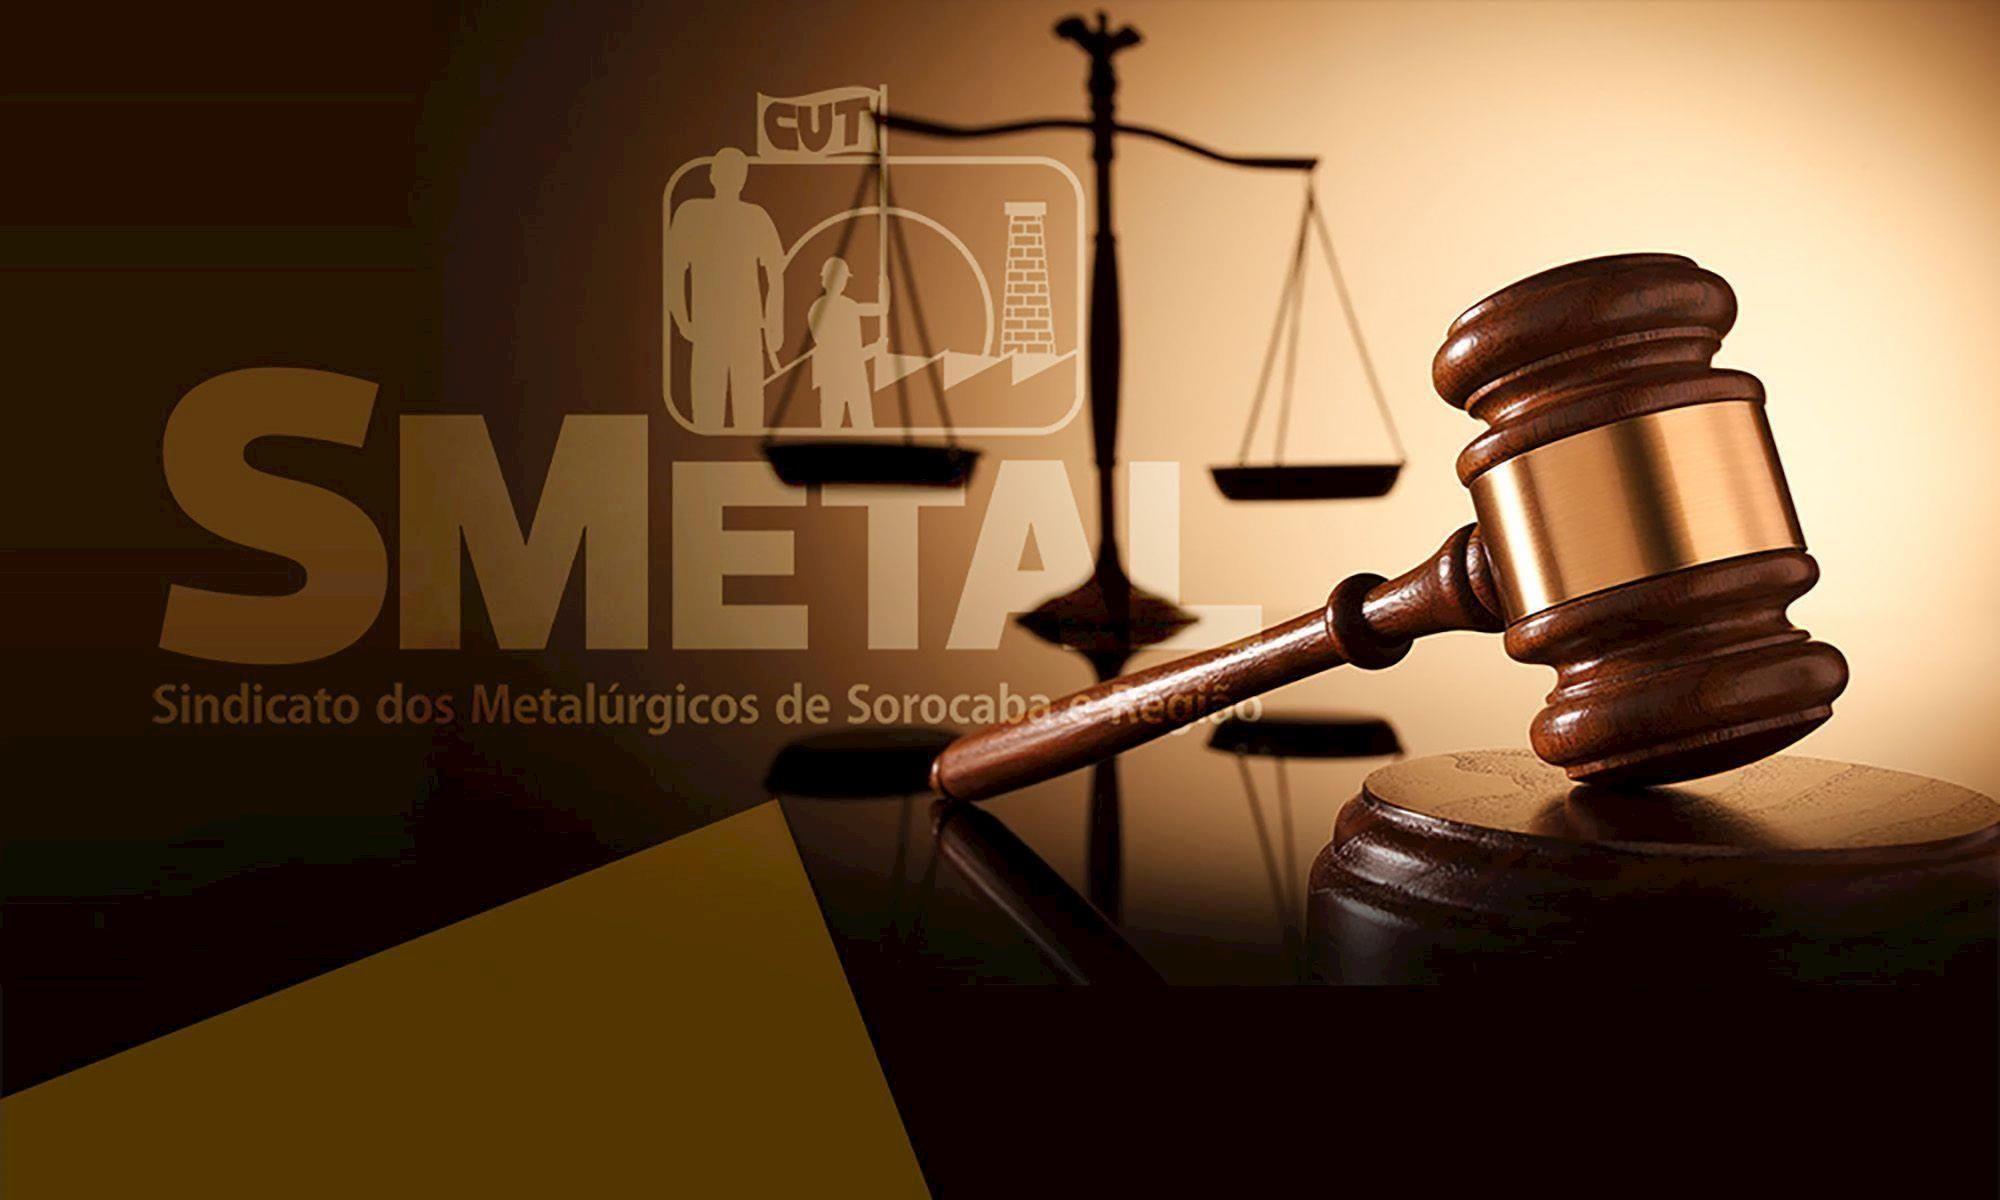 juridico, smetal, advogado, plantão, sindicato, Divulgação